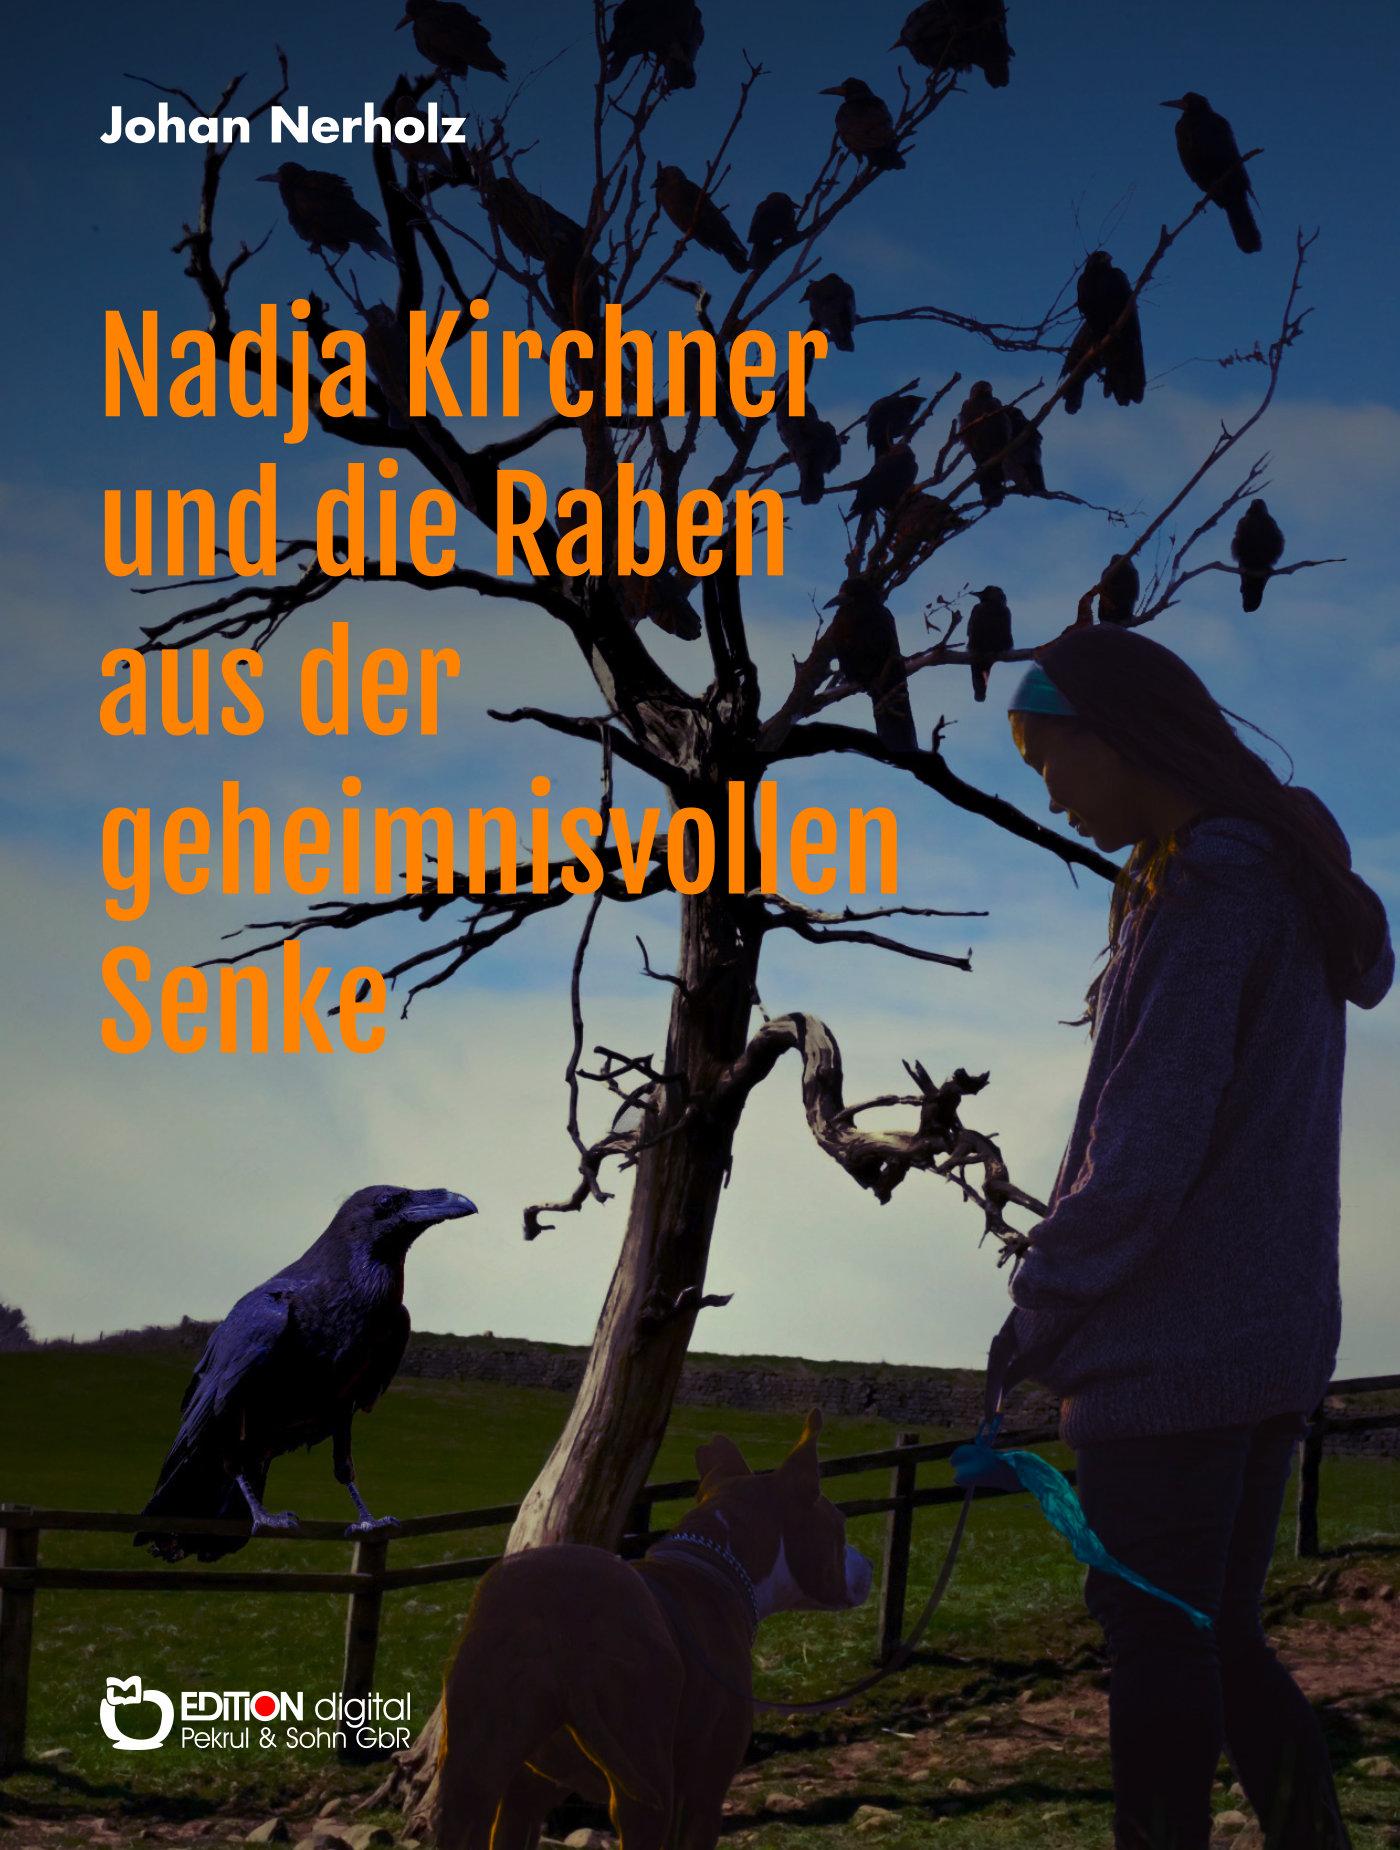 Nadja Kirchner und die Raben aus der geheimnisvollen Senke von Johan Nerholz